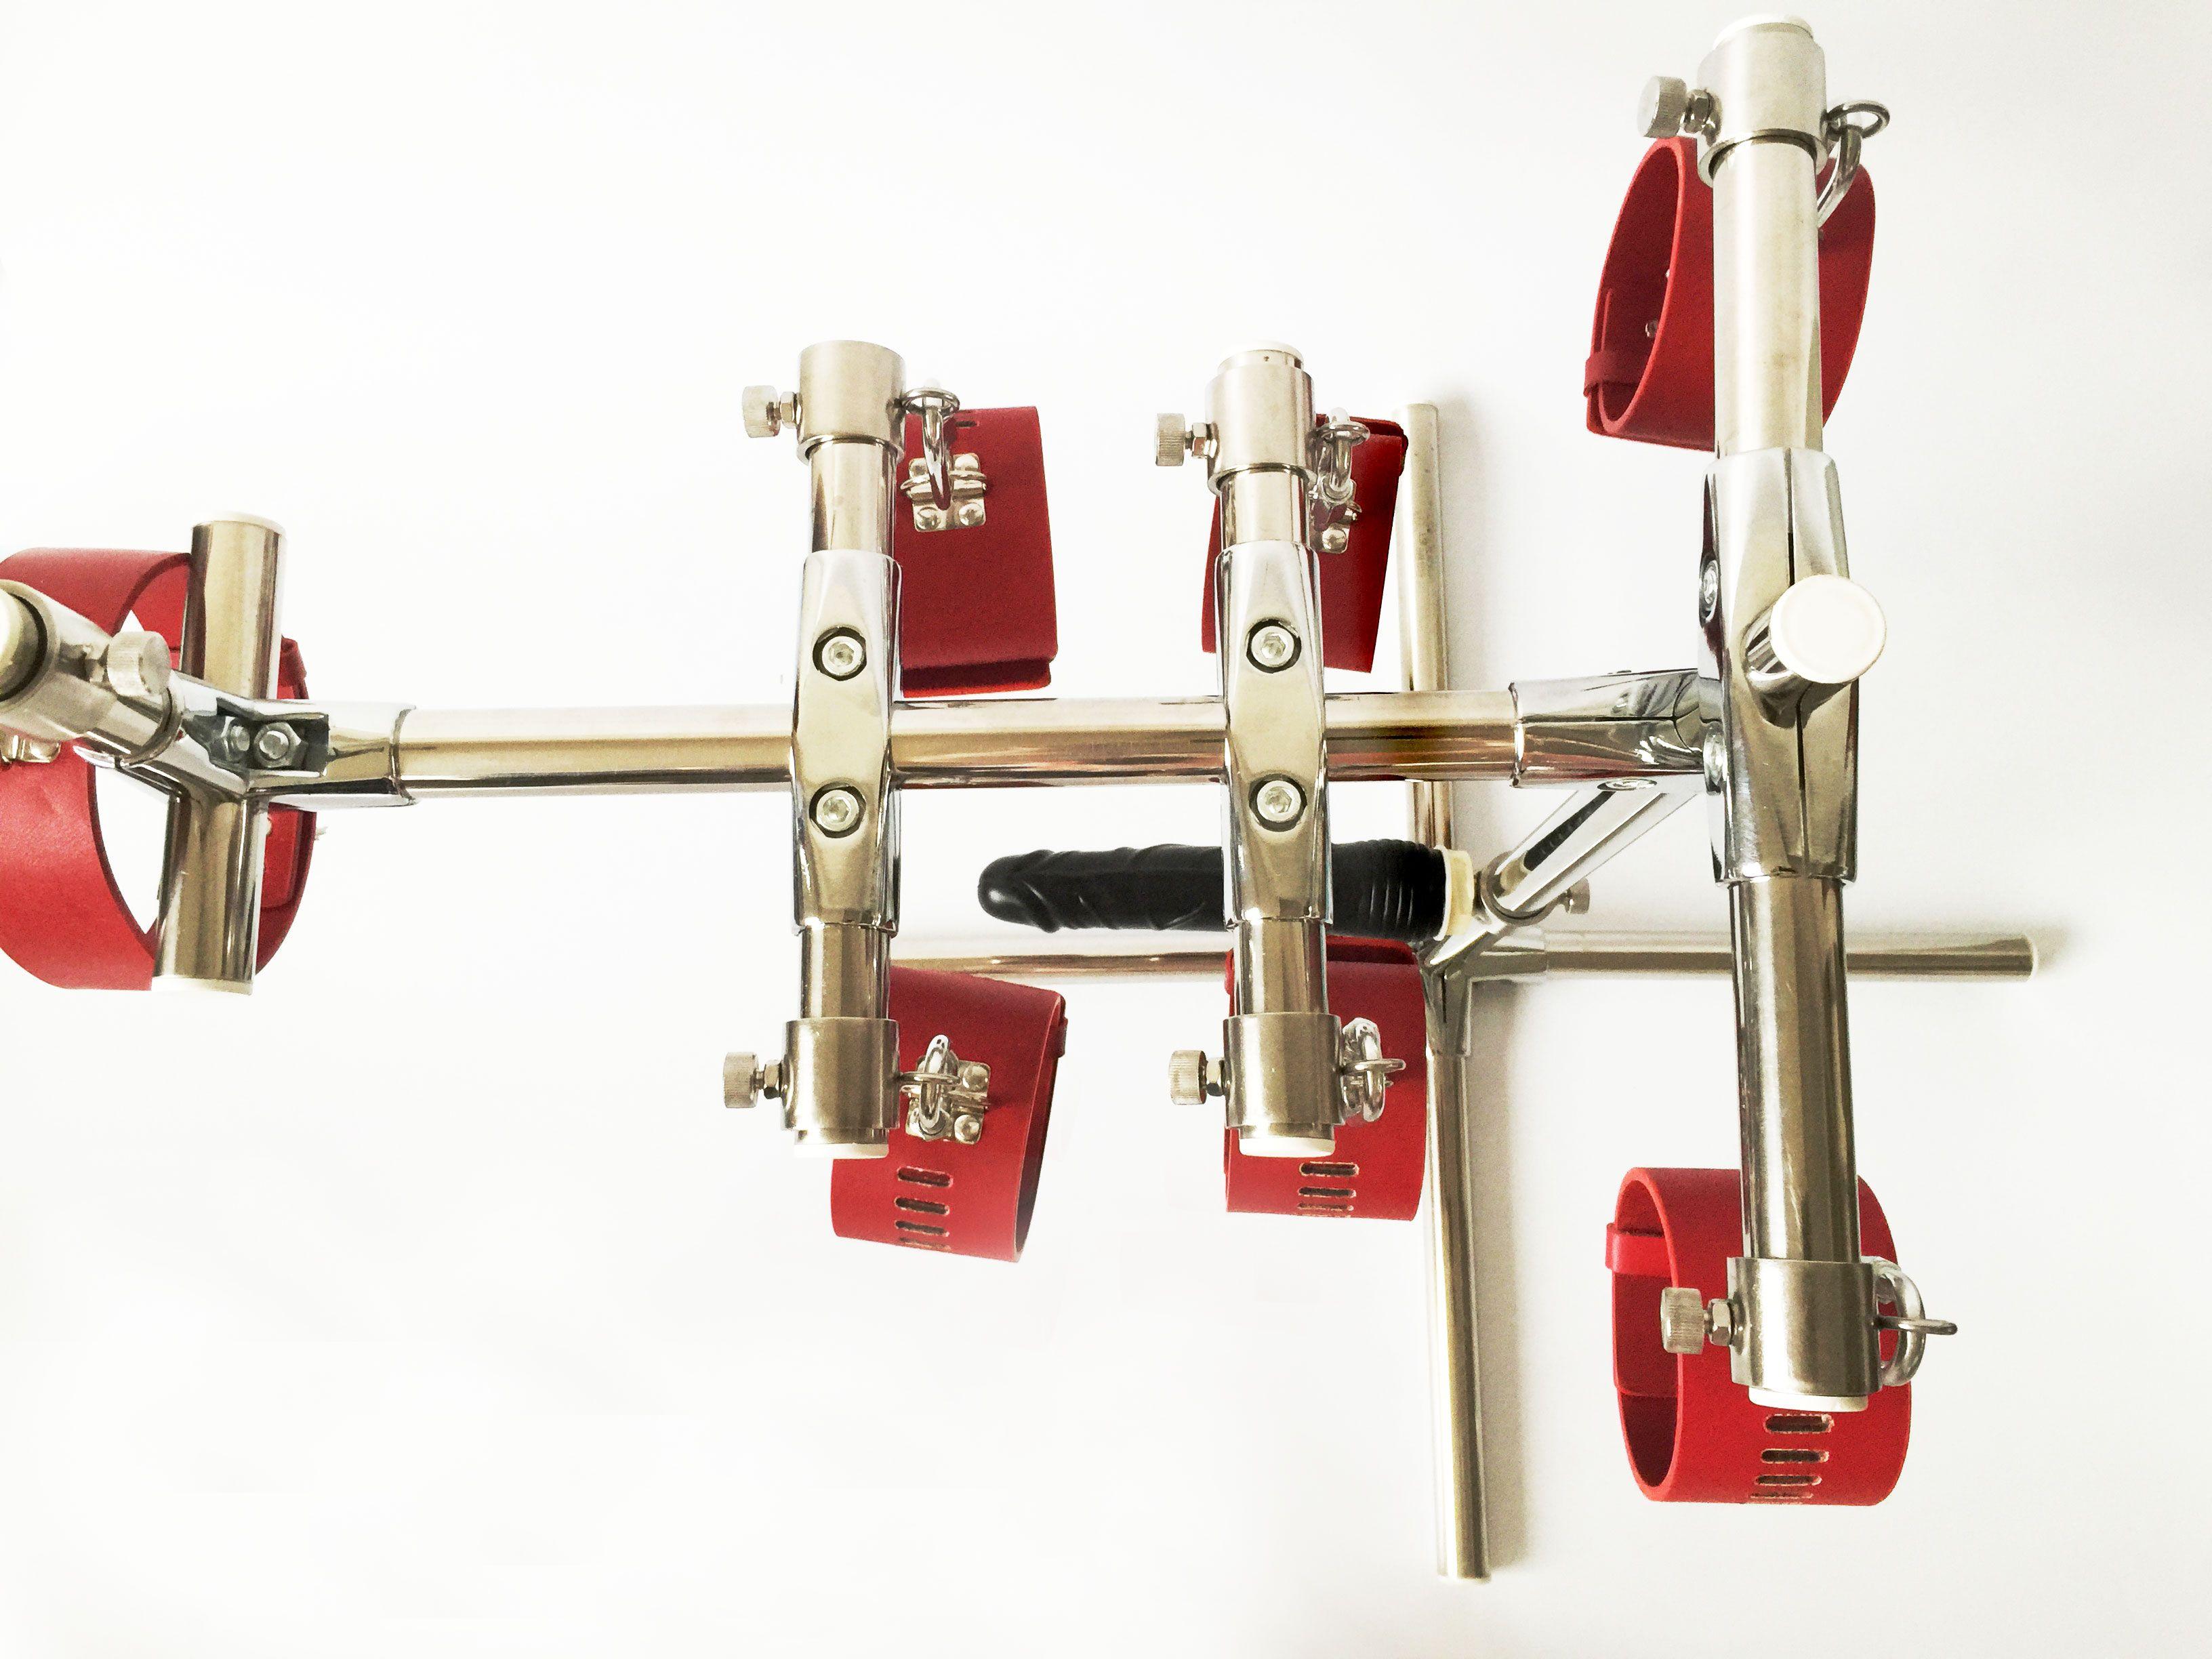 2017 novo Aço Inoxidável Ajustável bdsm Brinquedos Escravidão Bondage Sexo Dispositivos com Dildo Algemas + Algemas de Tornozelo + Collar Dispositivo de Castidade Feminina